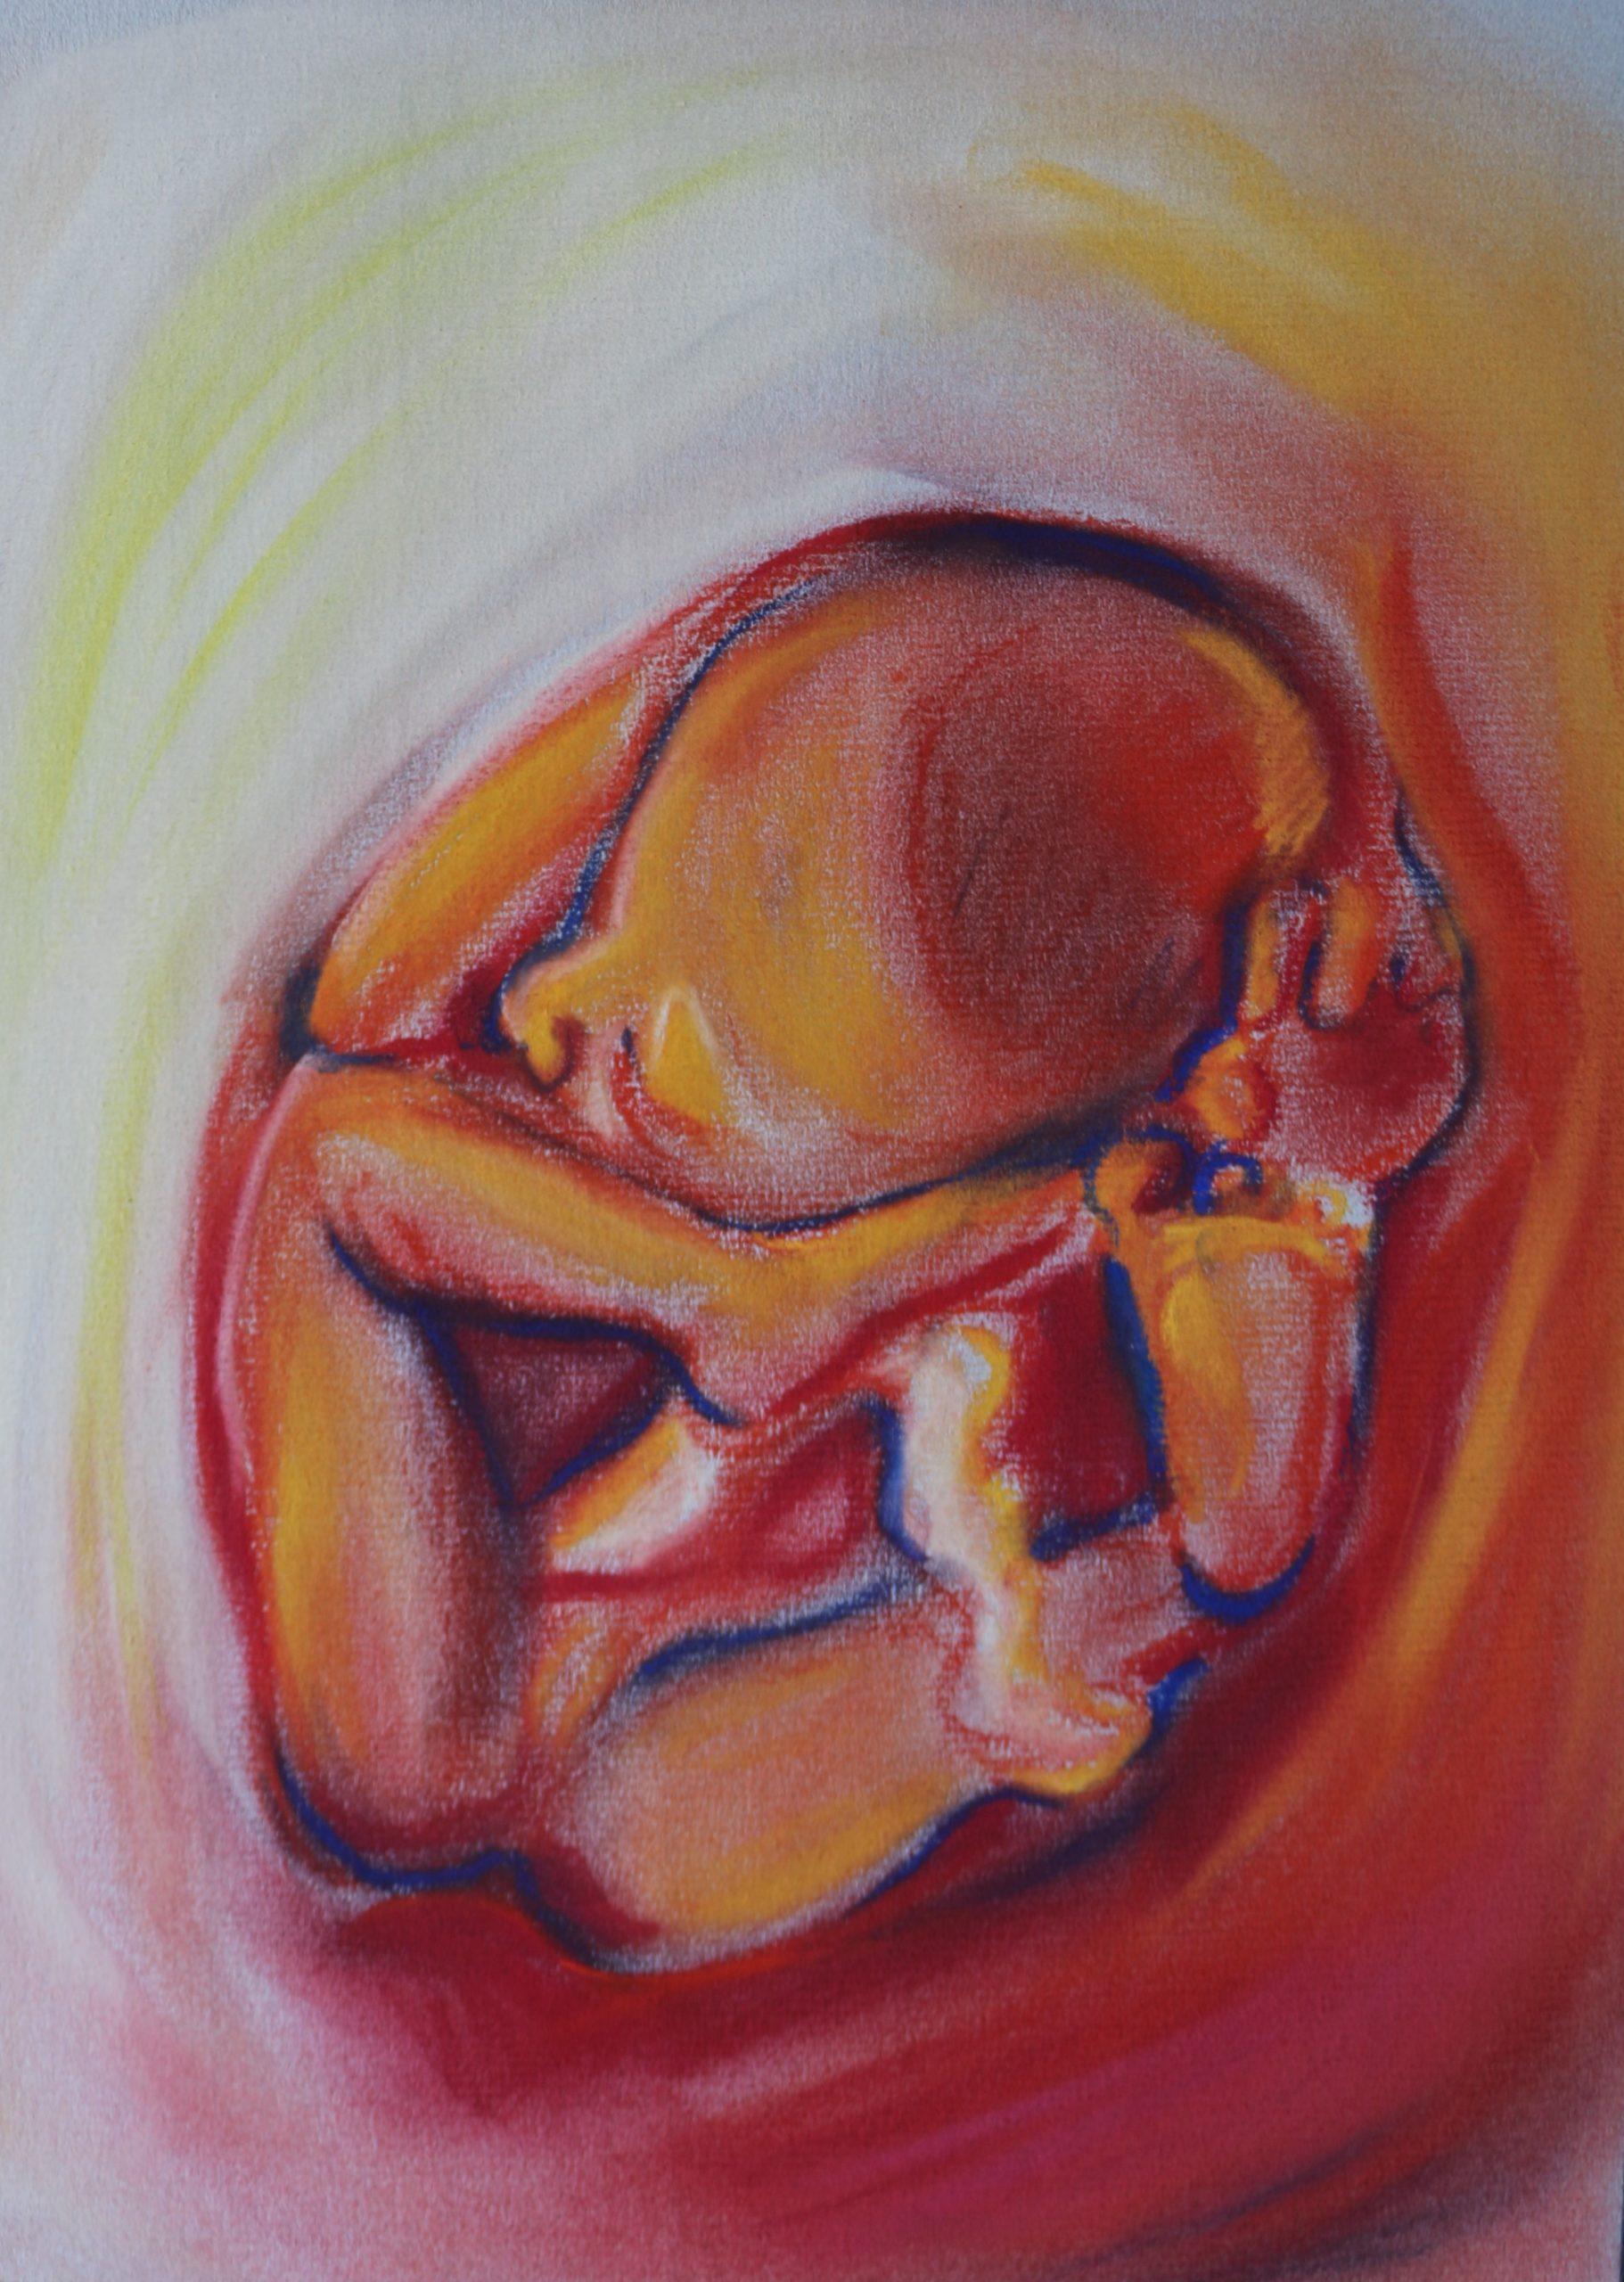 Fremskynde fødselsstarten – naturligt